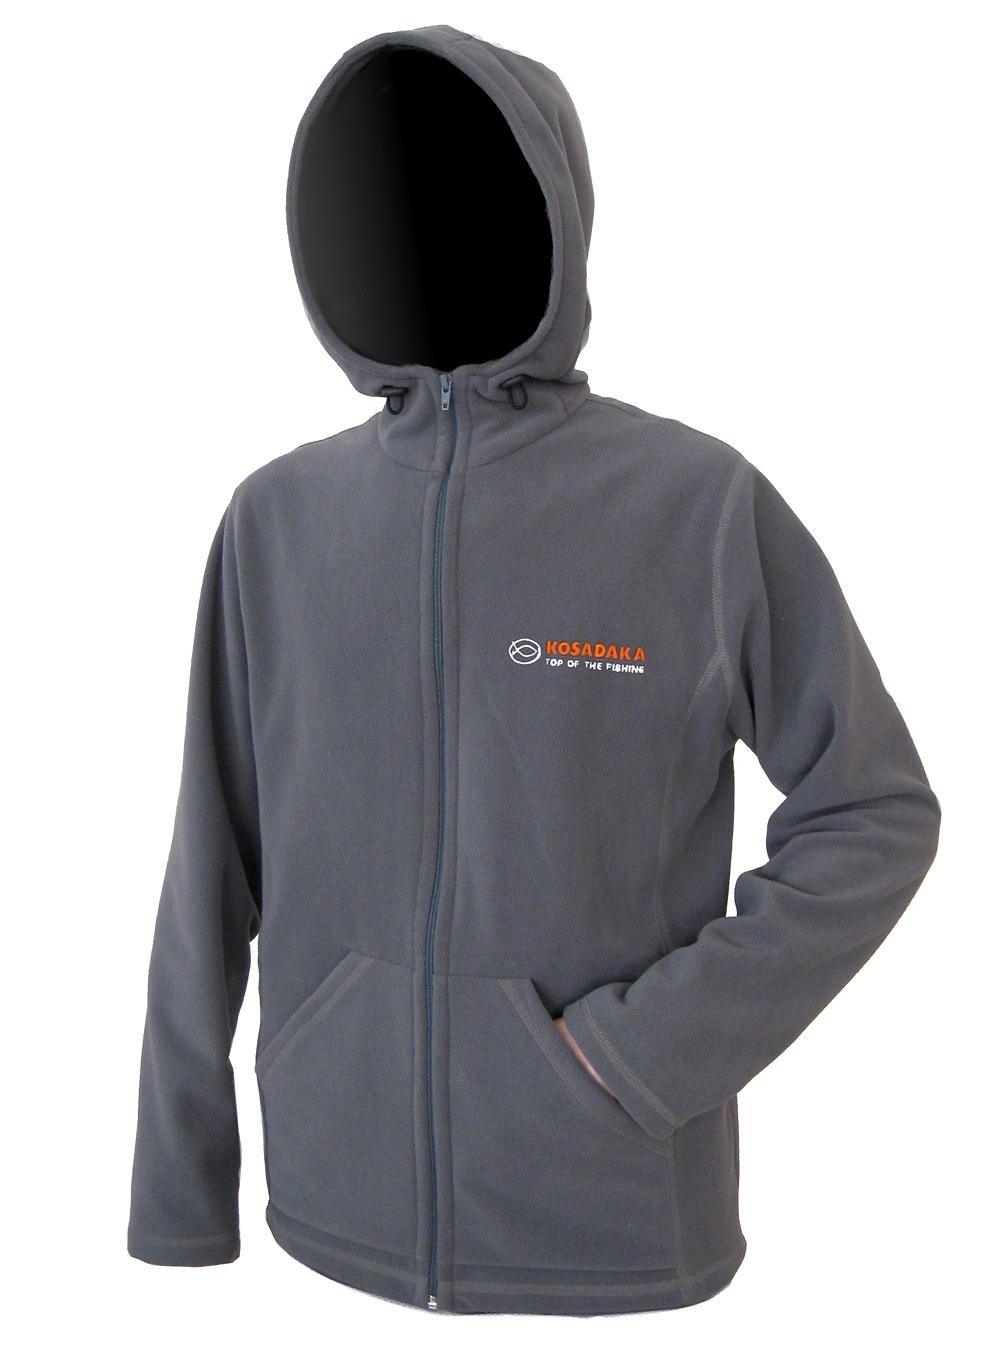 Куртка флисовая Kosadaka JF01 с капюшоном серая XXL/52-54